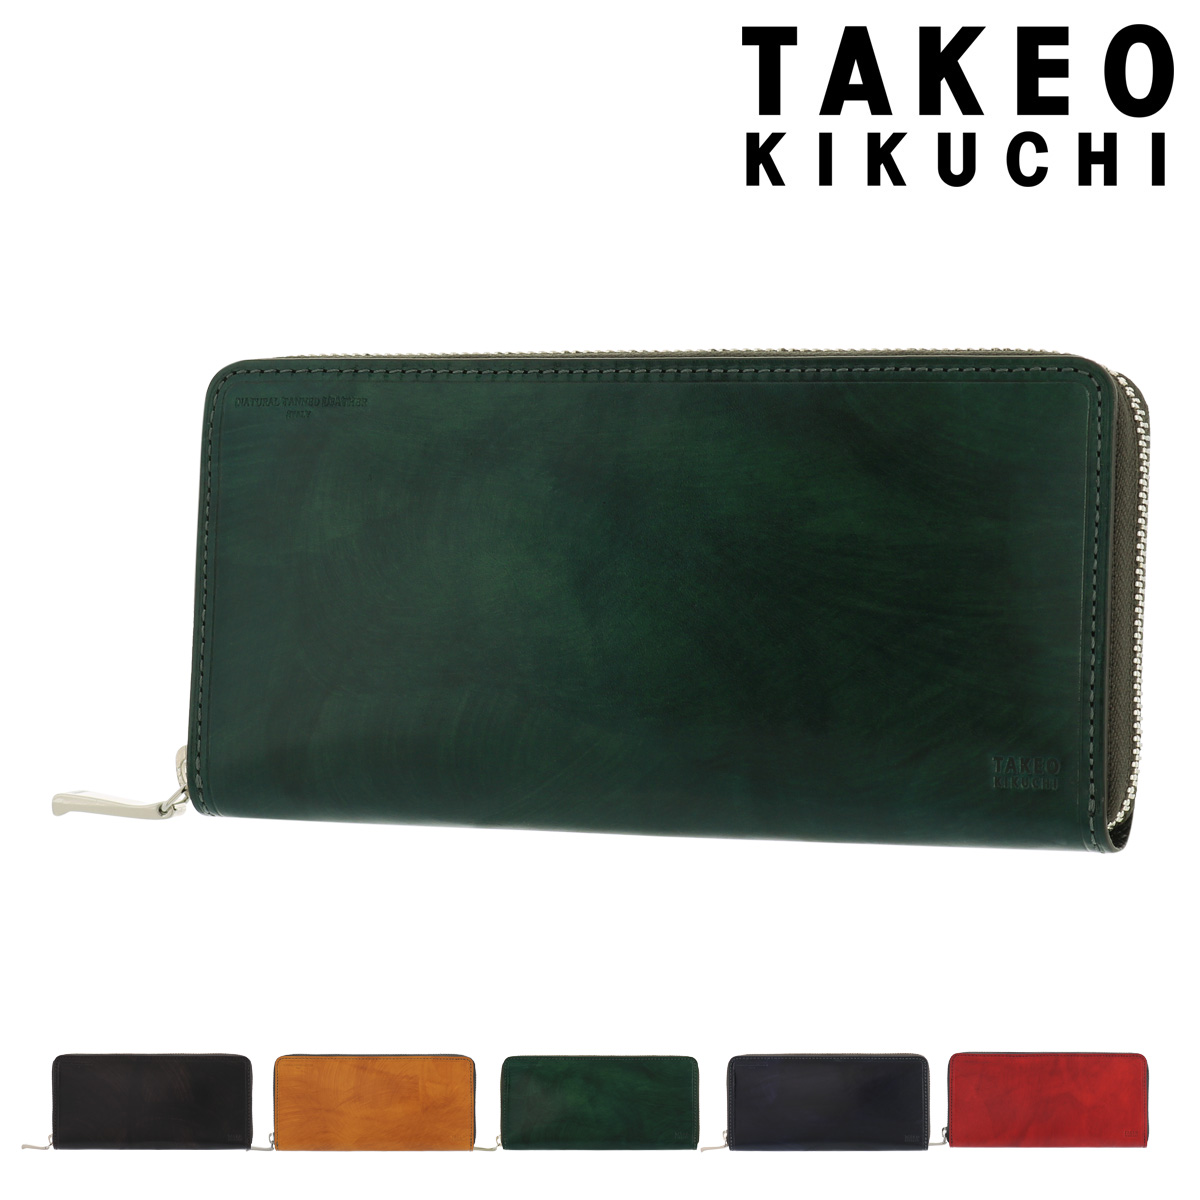 タケオキクチ 長財布 ラウンドファスナー ハンドII小物 メンズ 779605 TAKEO KIKUCHI | 牛革 本革 レザー [PO5][bef]